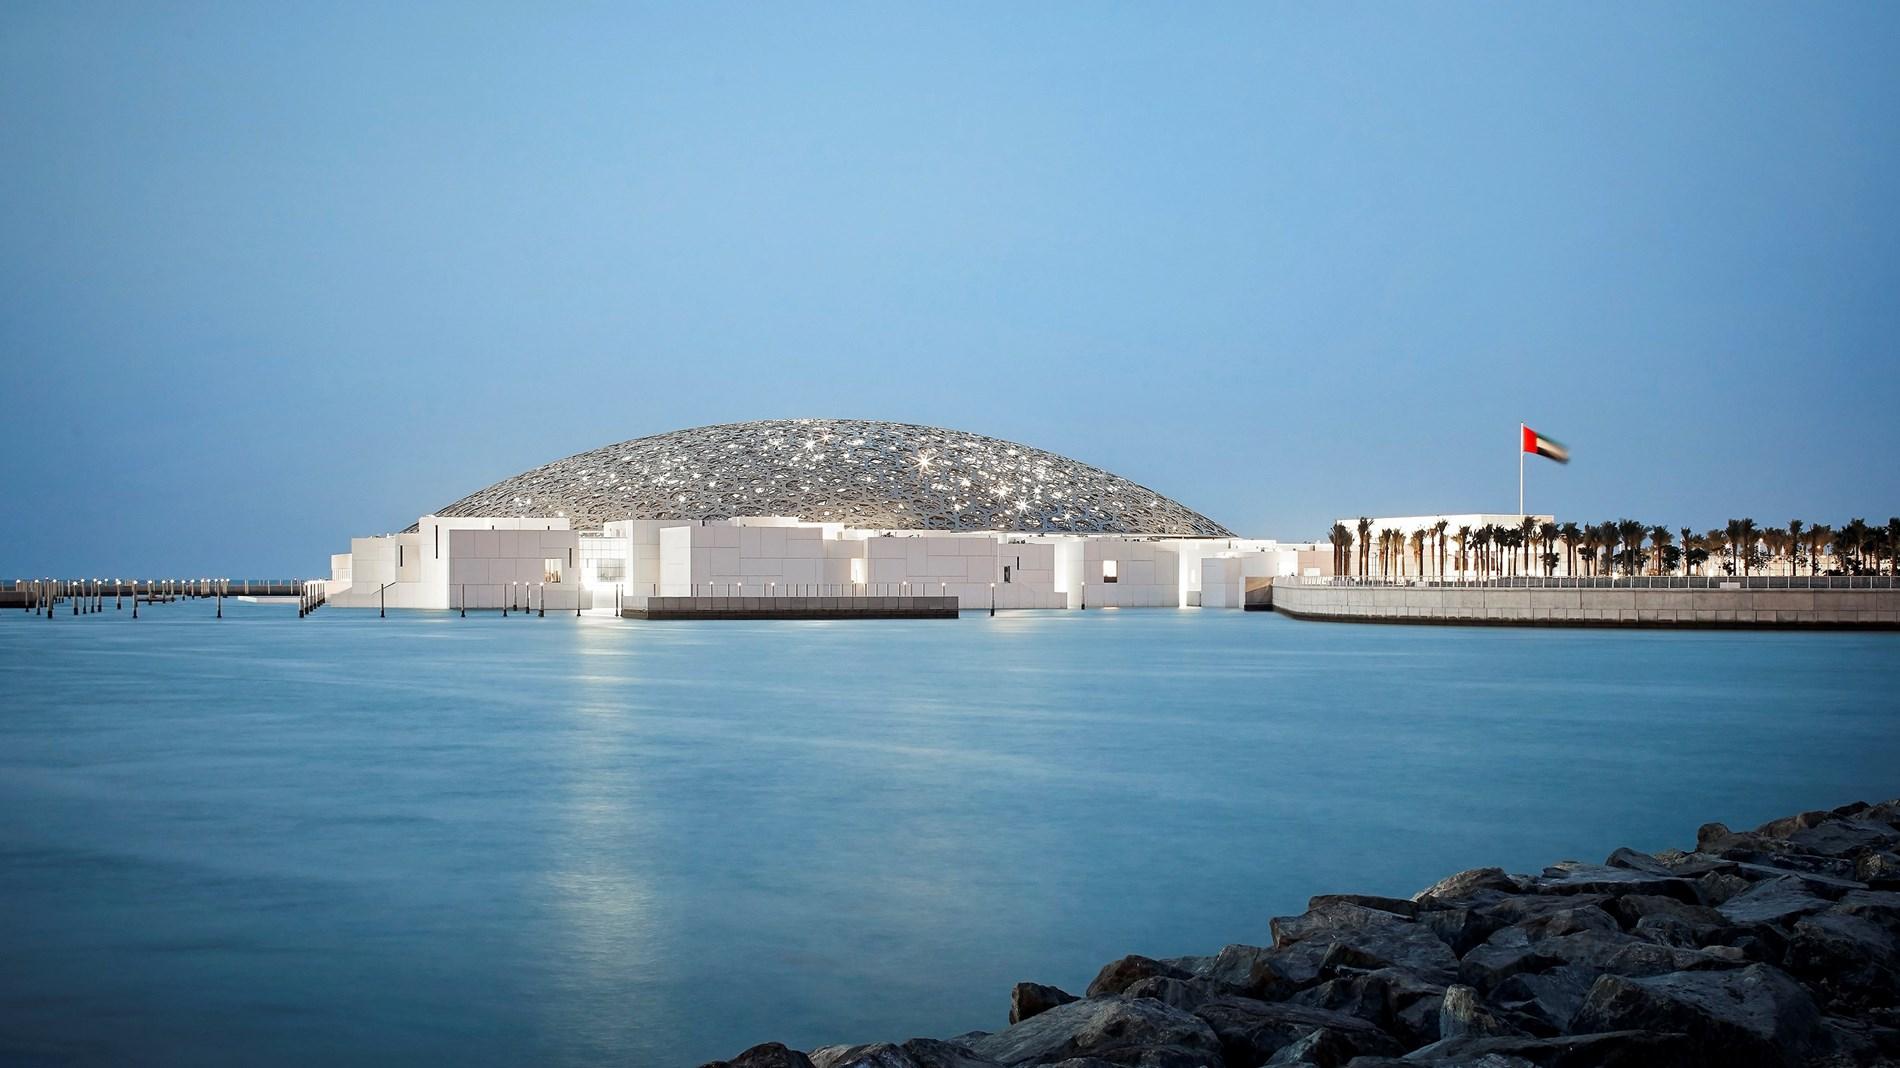 اللوفر أبوظبي وريتشارد ميل يُطلقان معرضاً وجائزة فنّية لدعم الفنون المعاصرة